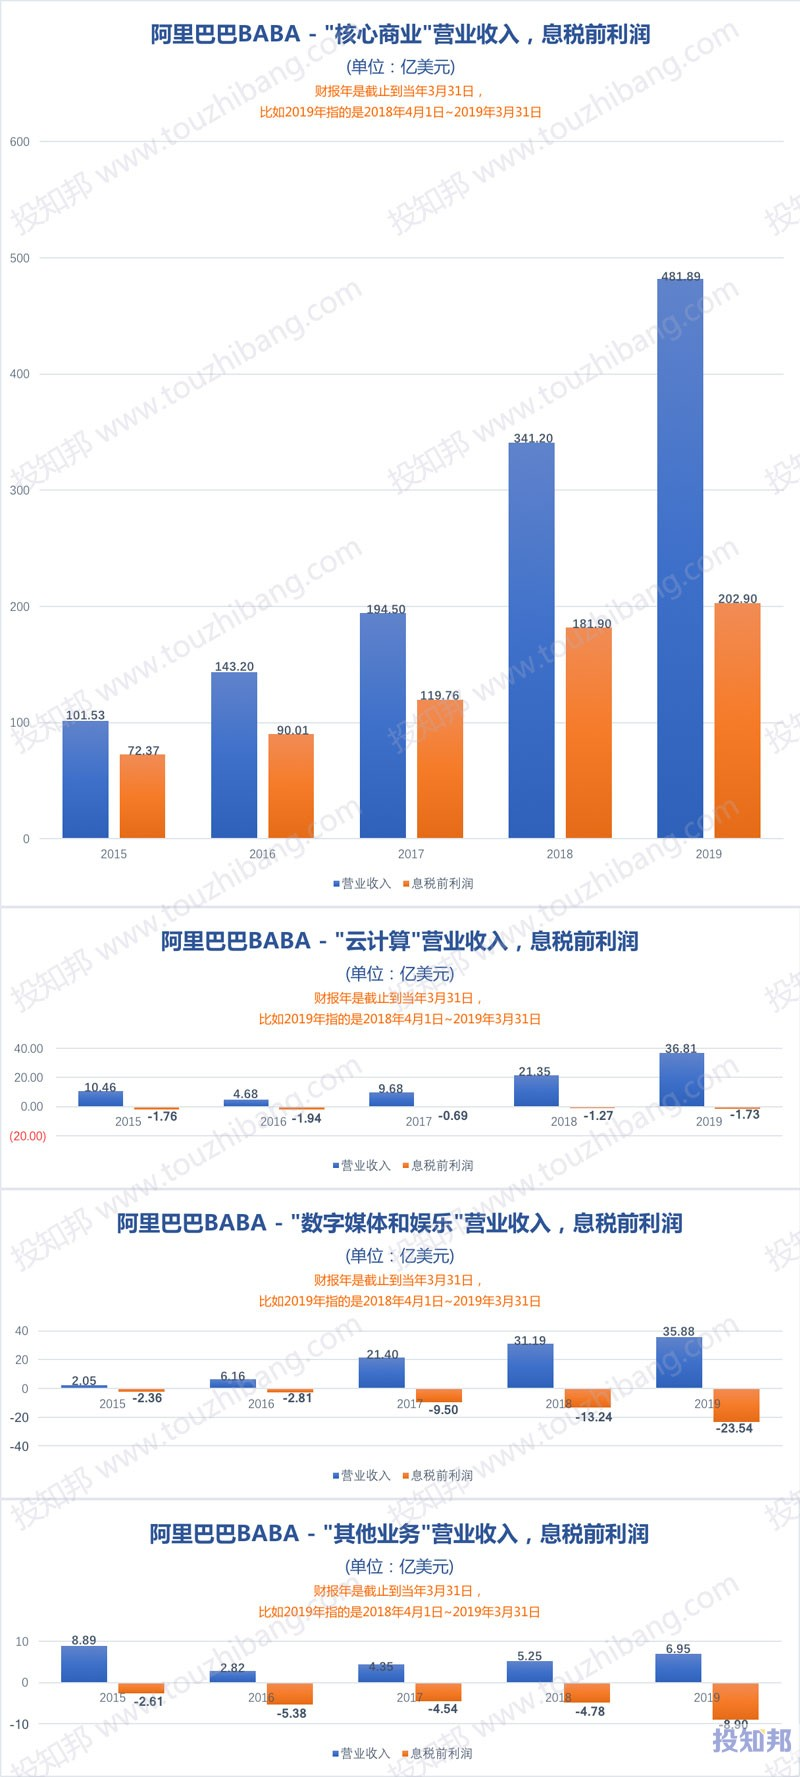 图解阿里巴巴(BABA)财报数据(以美元计,2015年~2019财报年,更新)